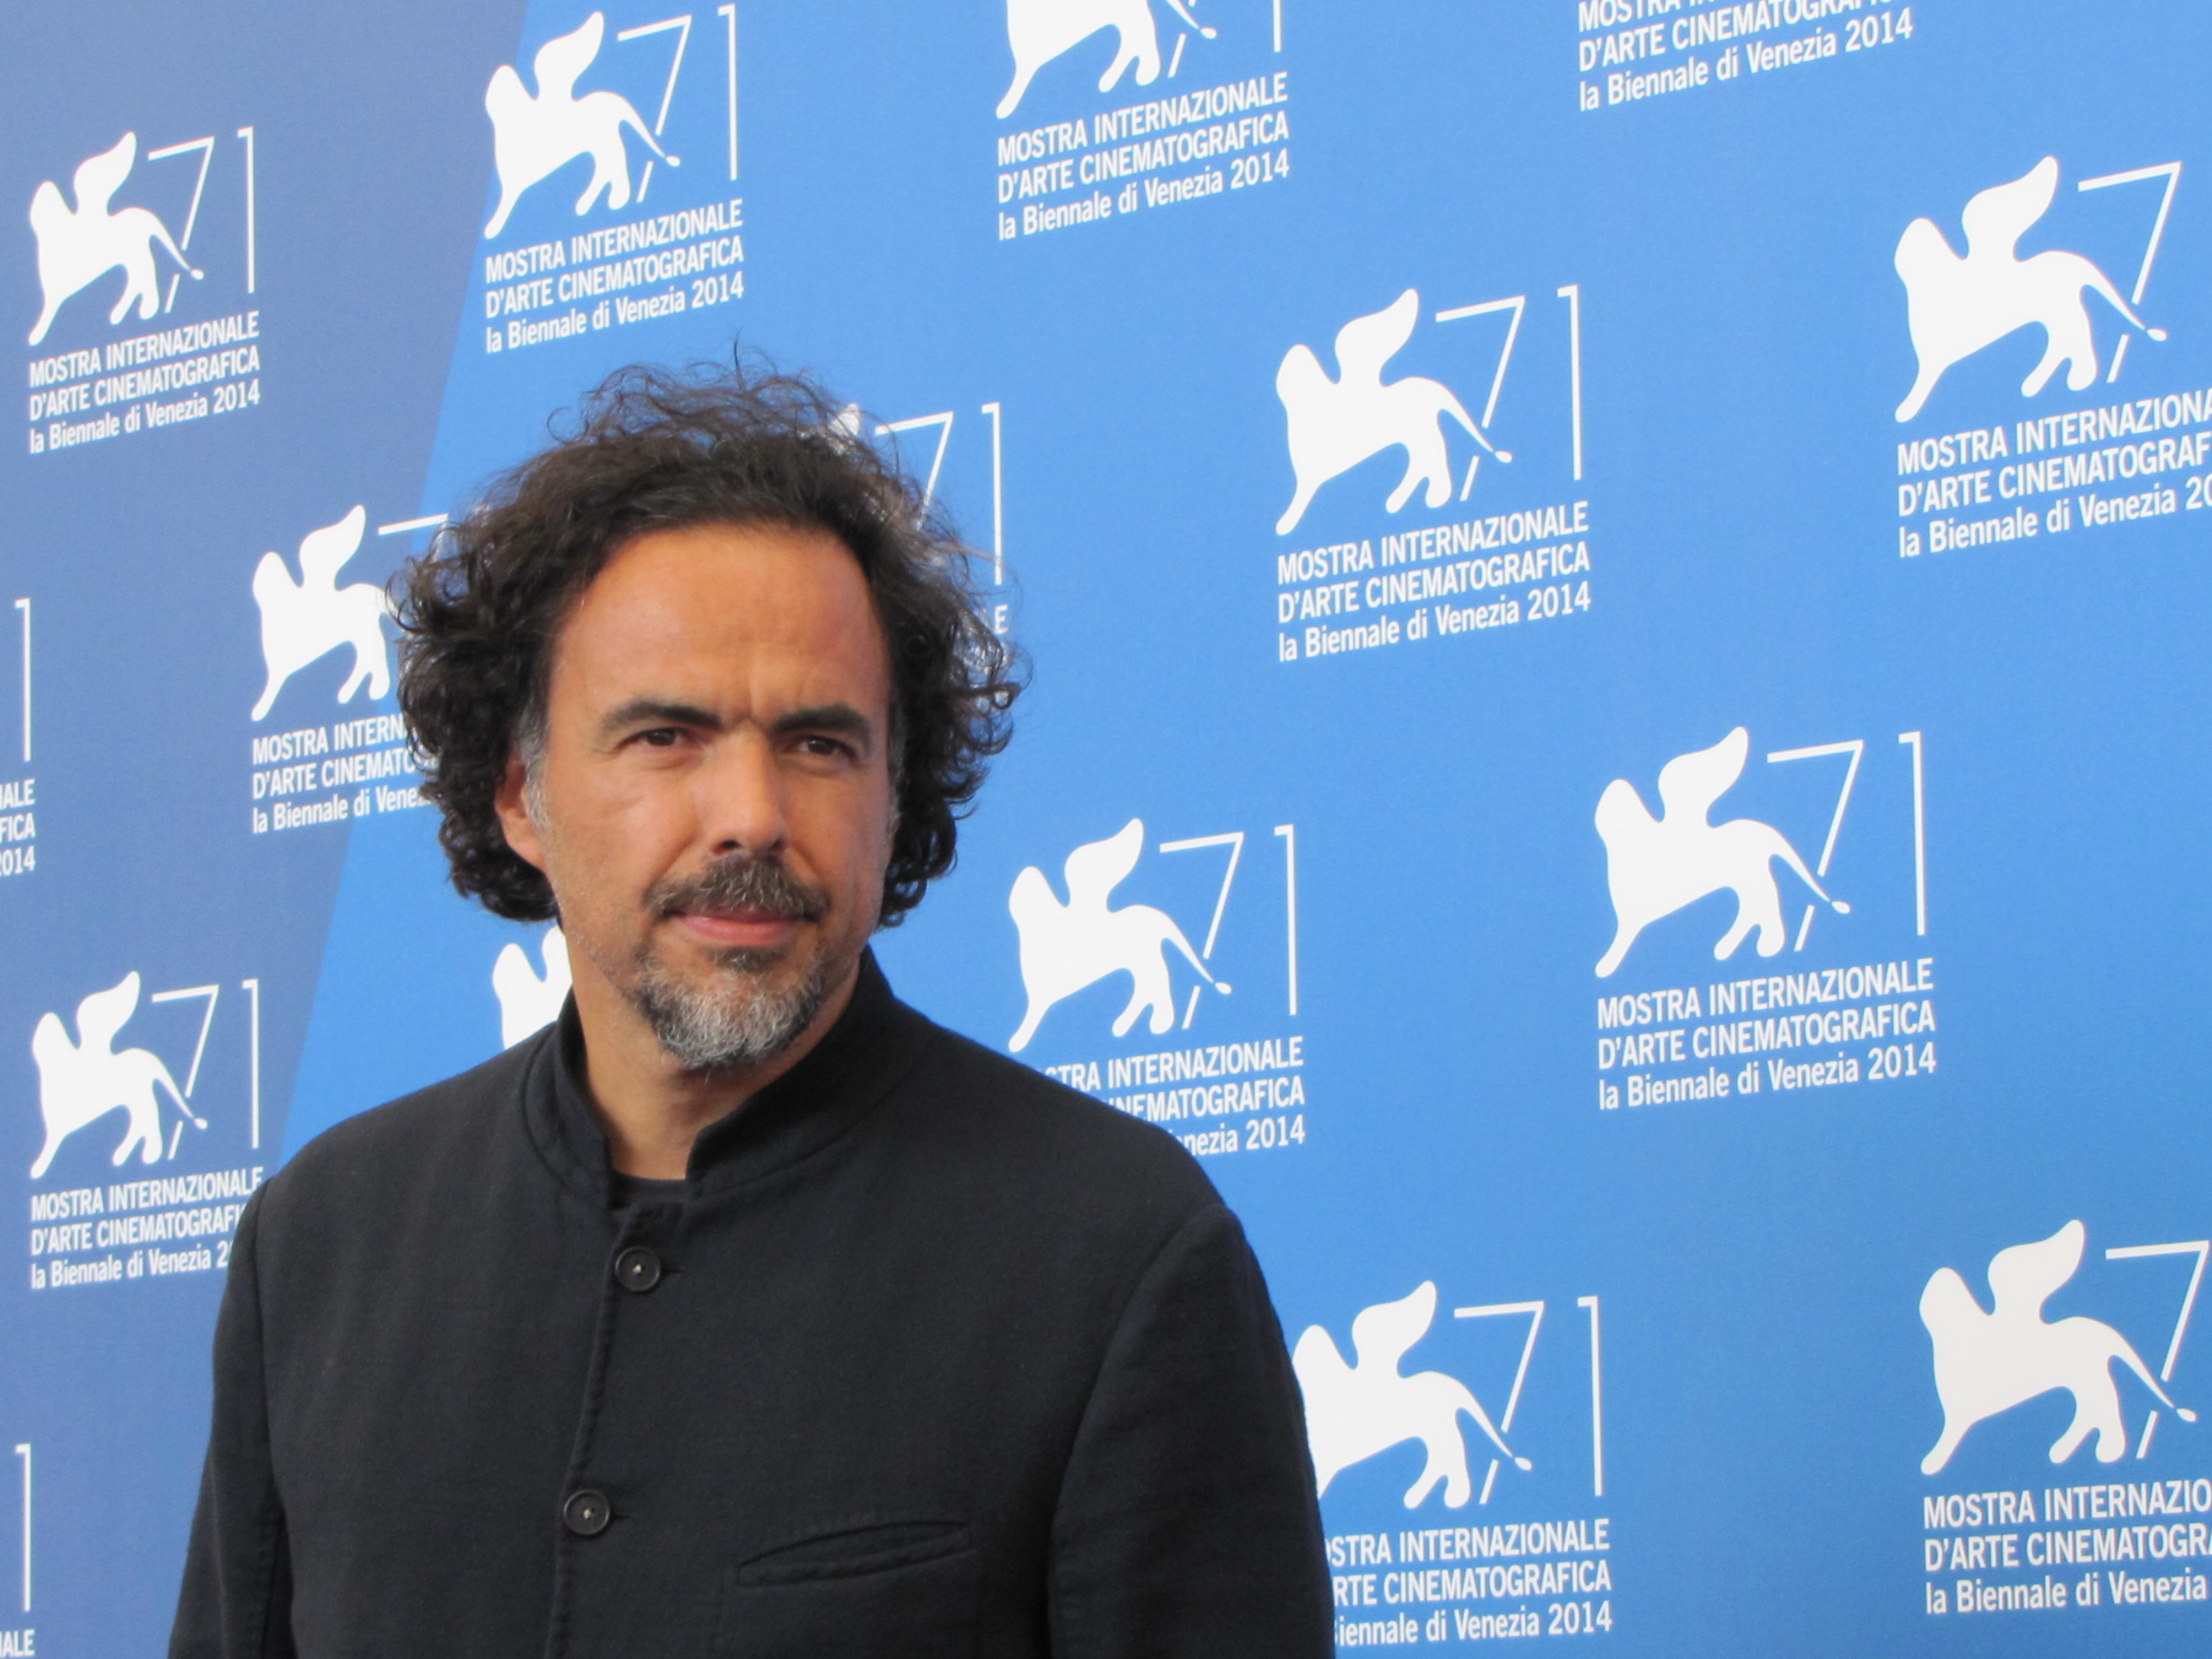 Alejandro GOnzalez Inarritu a Venezia con il suo film, Birdman